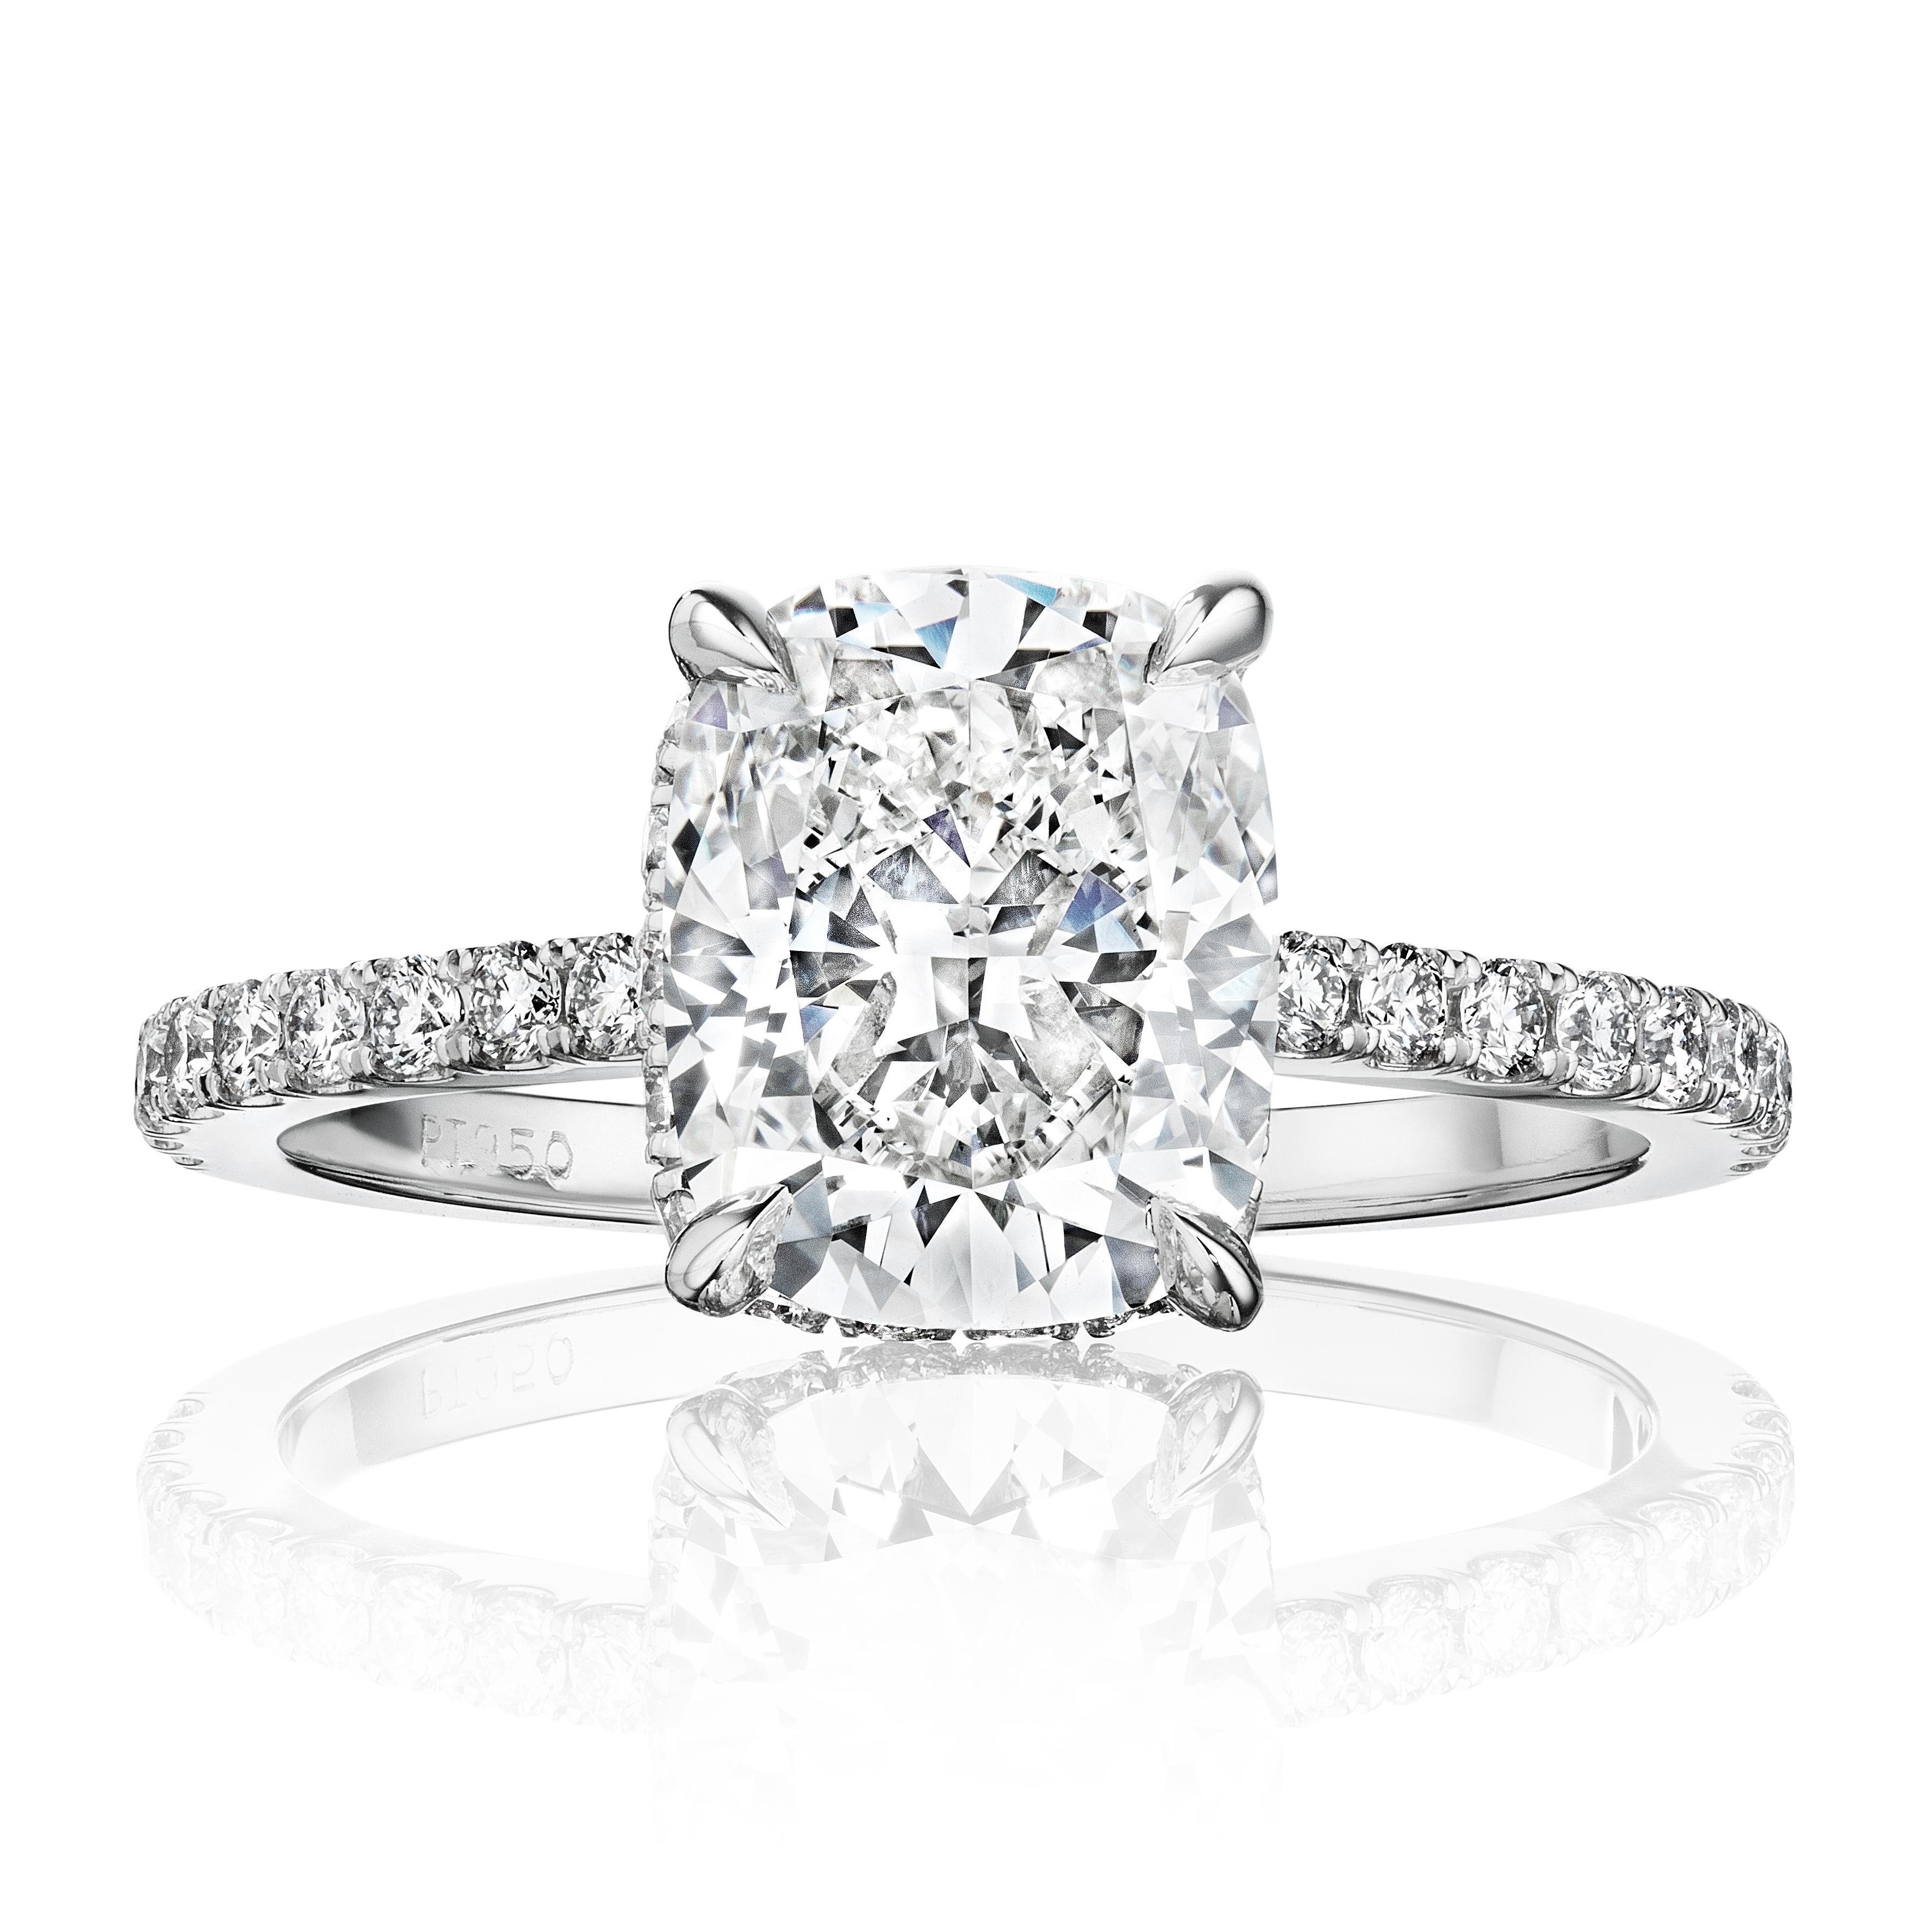 Harlow Forever Diamonds New York, NY